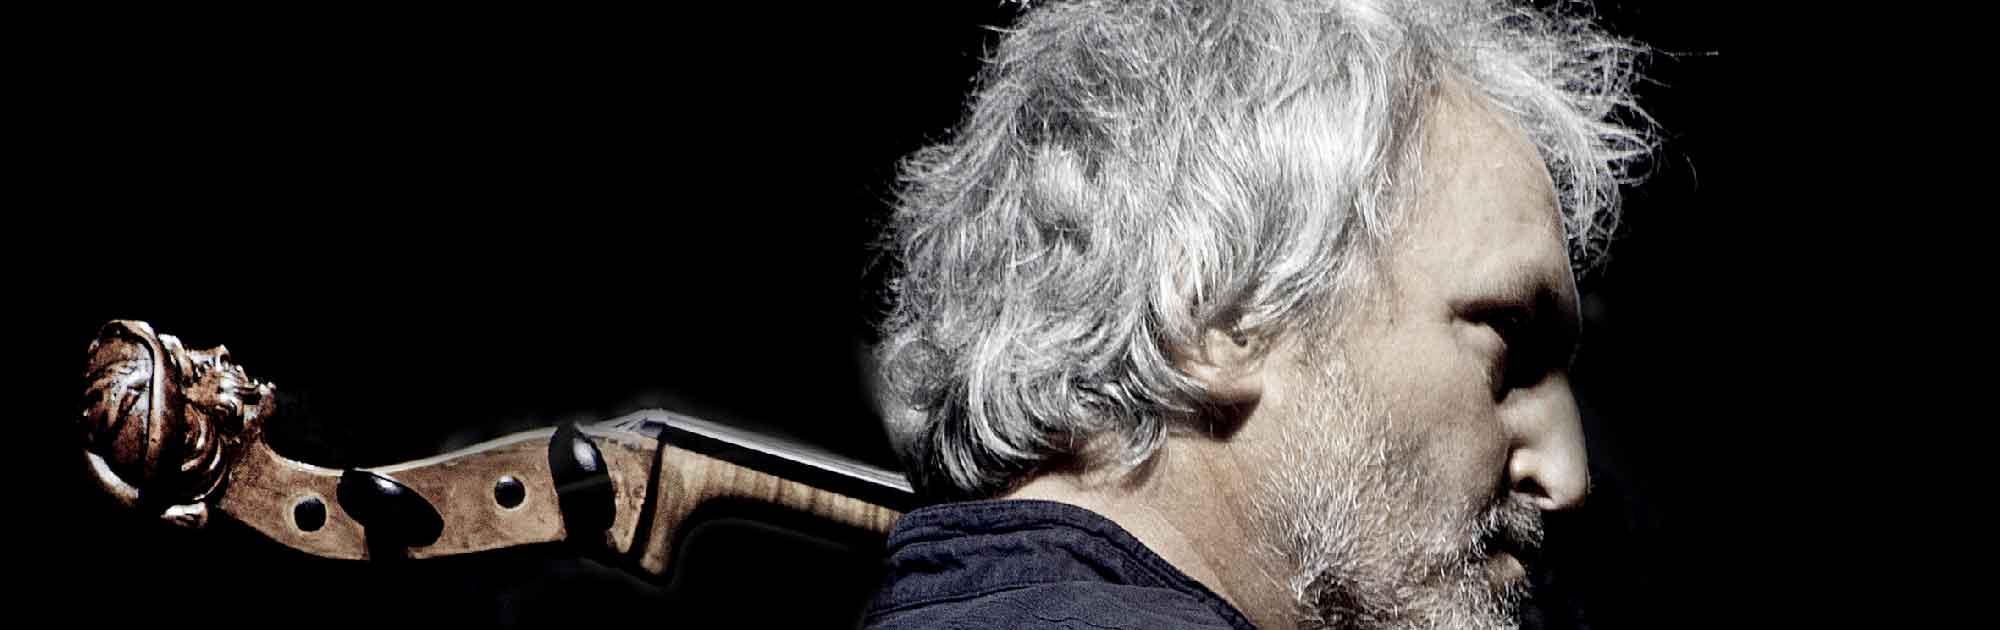 MARIO BRUNELLO violoncello solo 2020